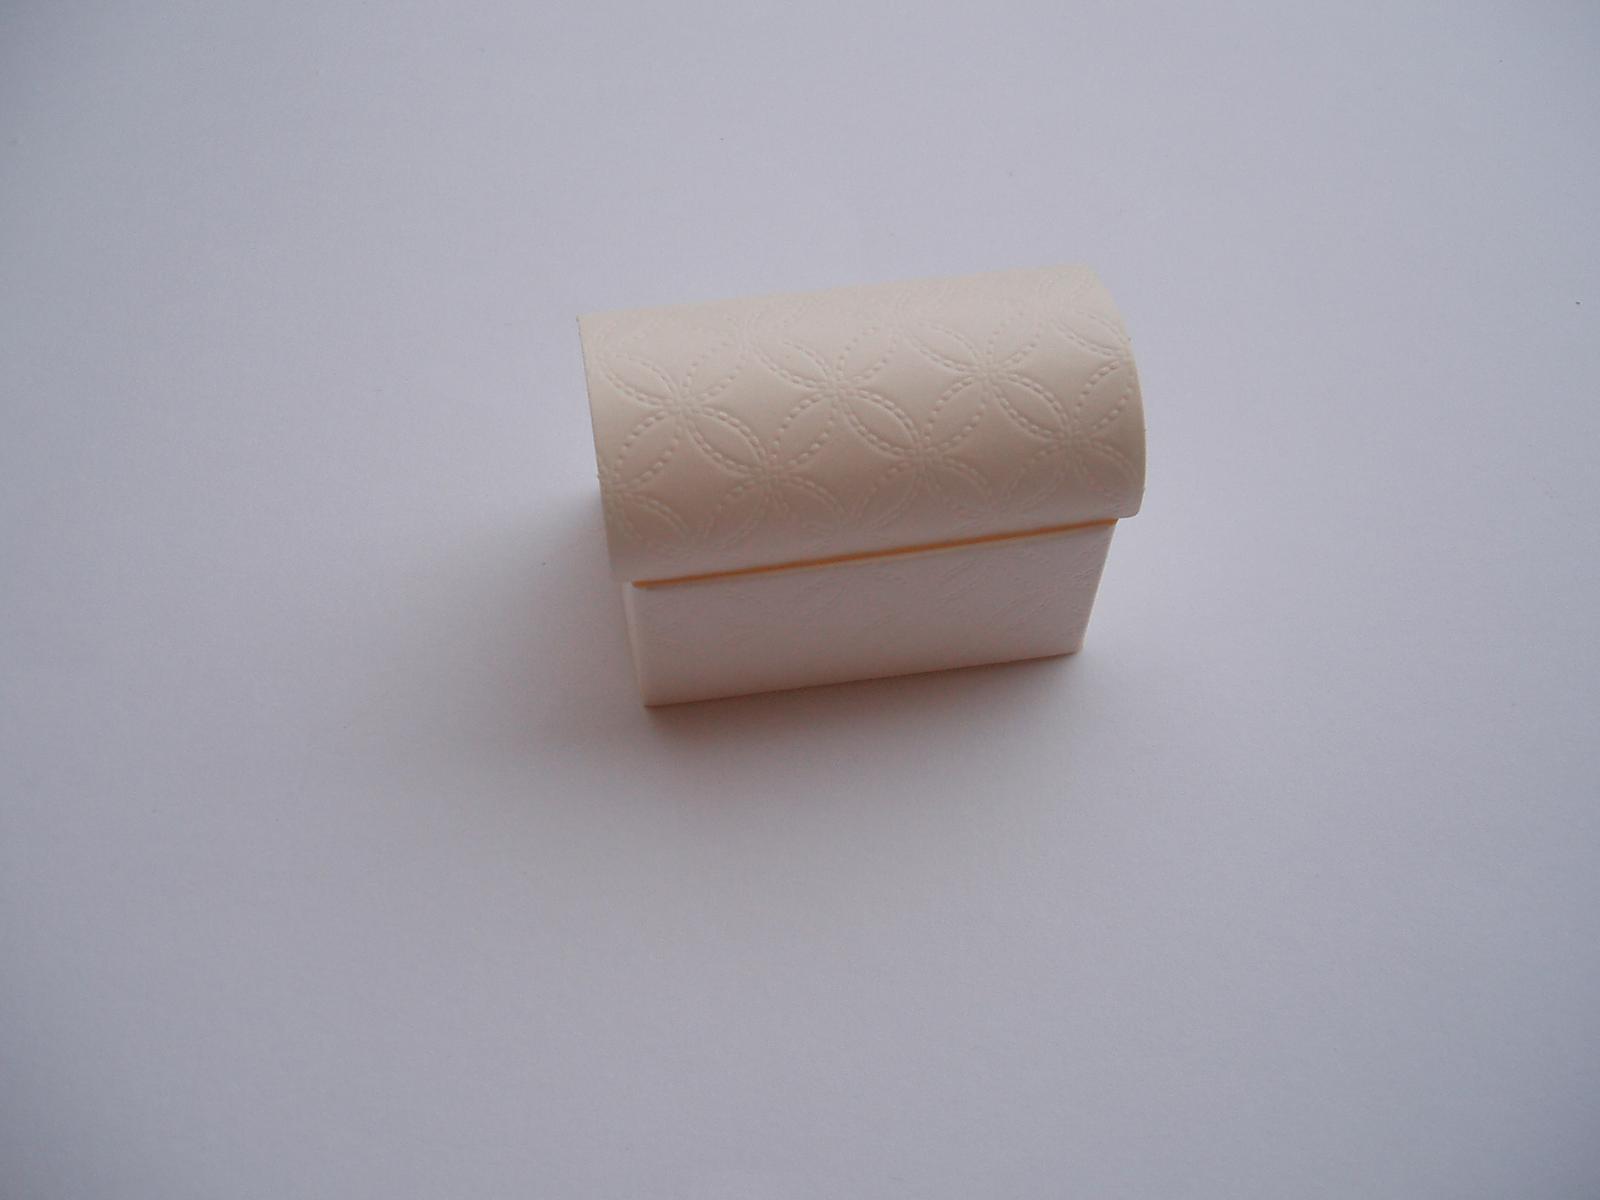 krabička orient bílá - Obrázek č. 2